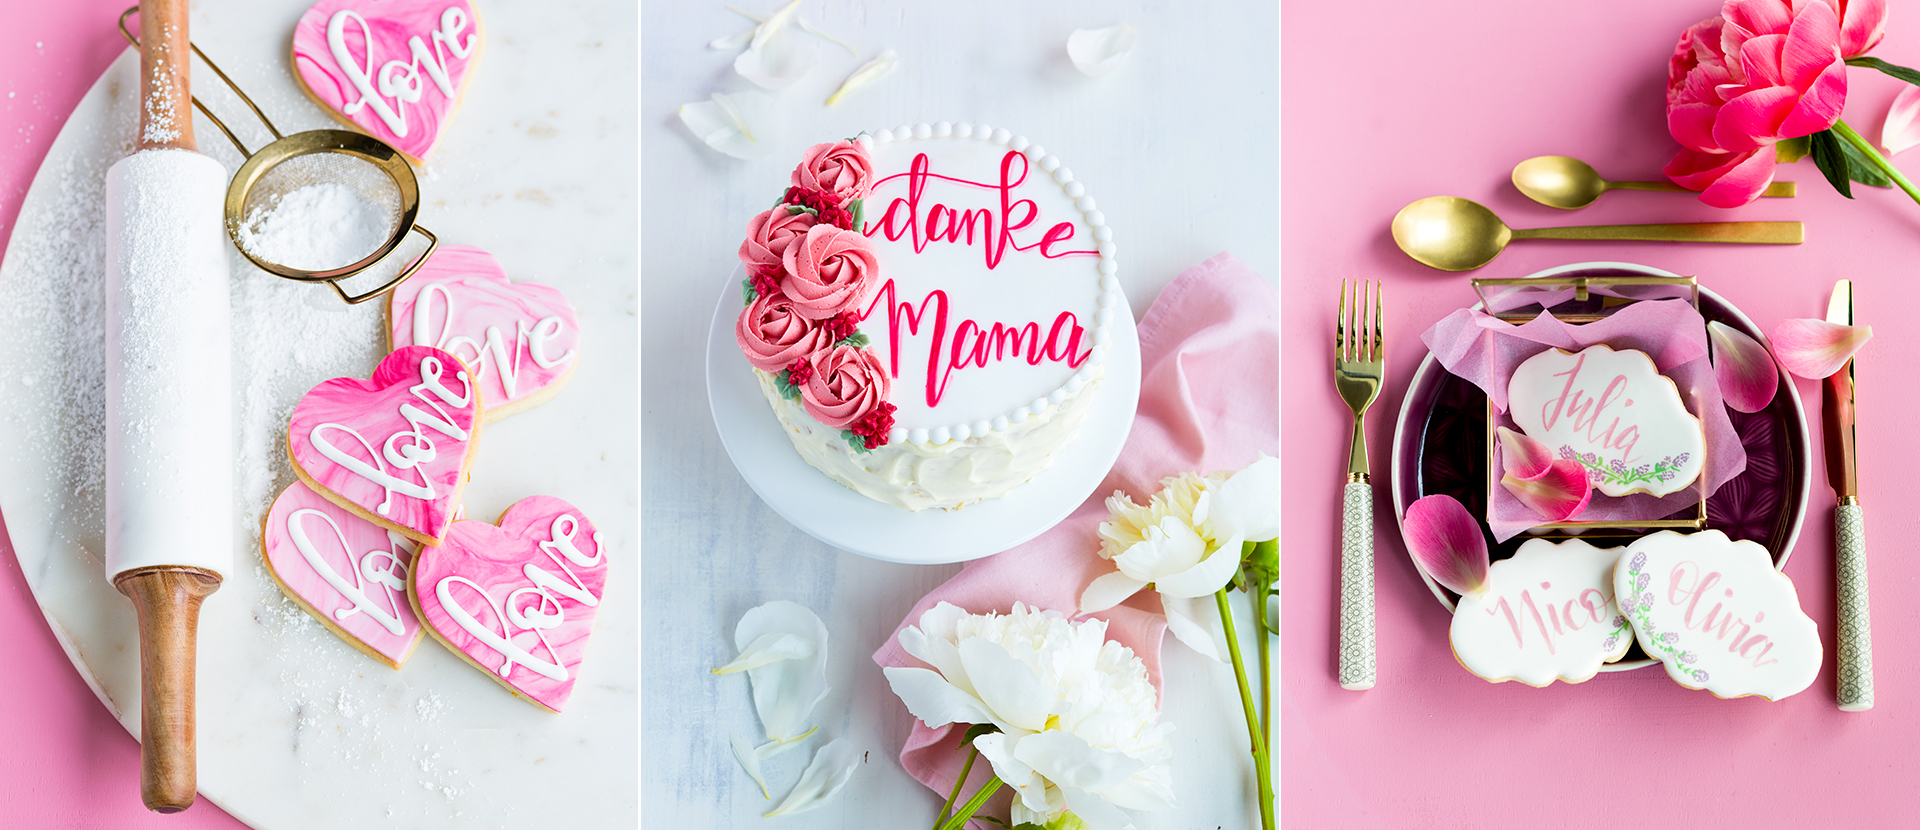 Kekse und Torte beschriftet mit Cakelettering von Stephanie Rinner fotografiert von Katrin Winner